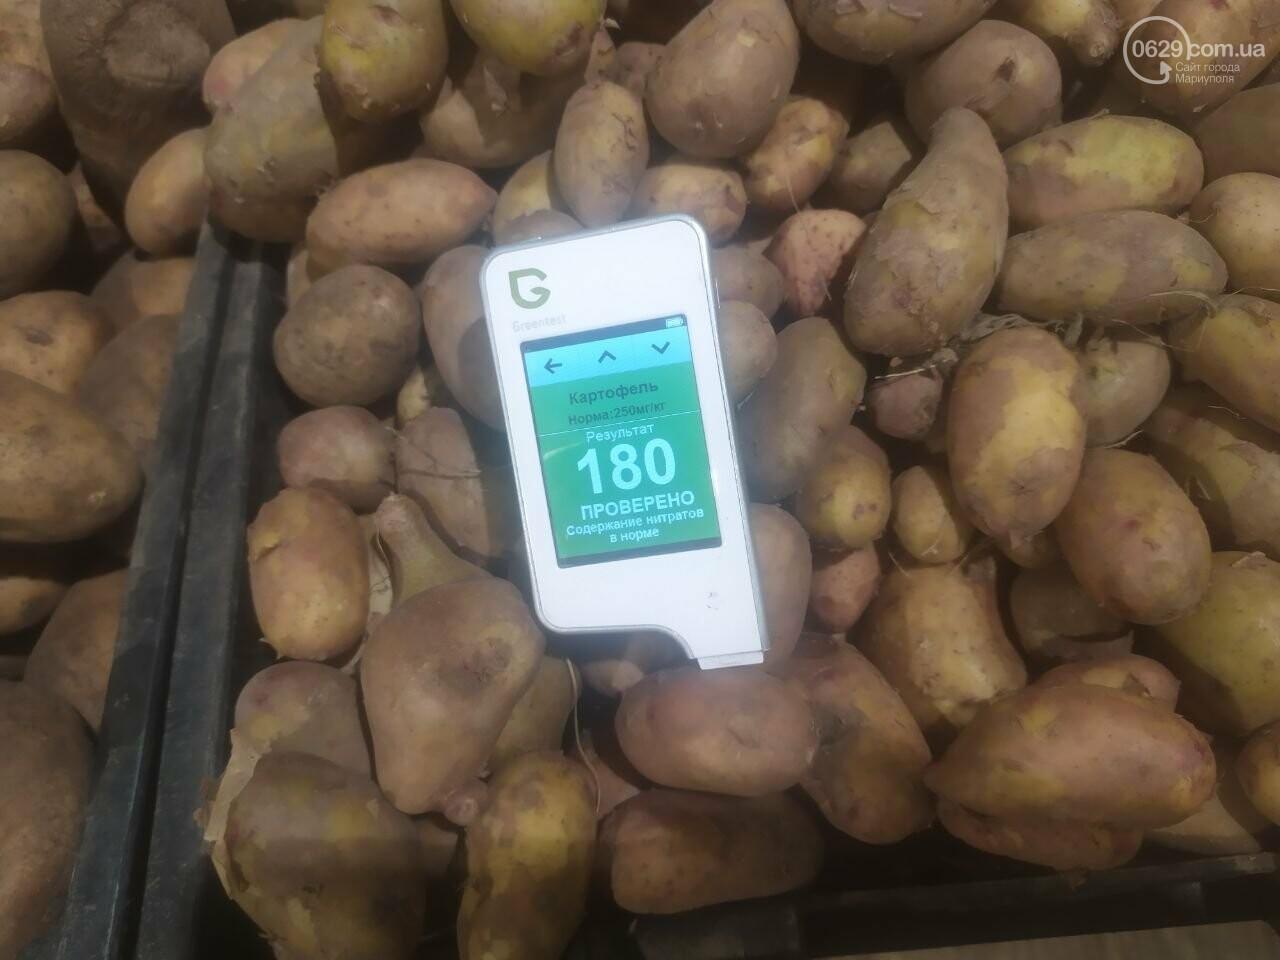 Опасна ли картошка, которую продают в Мариуполе, фото-9